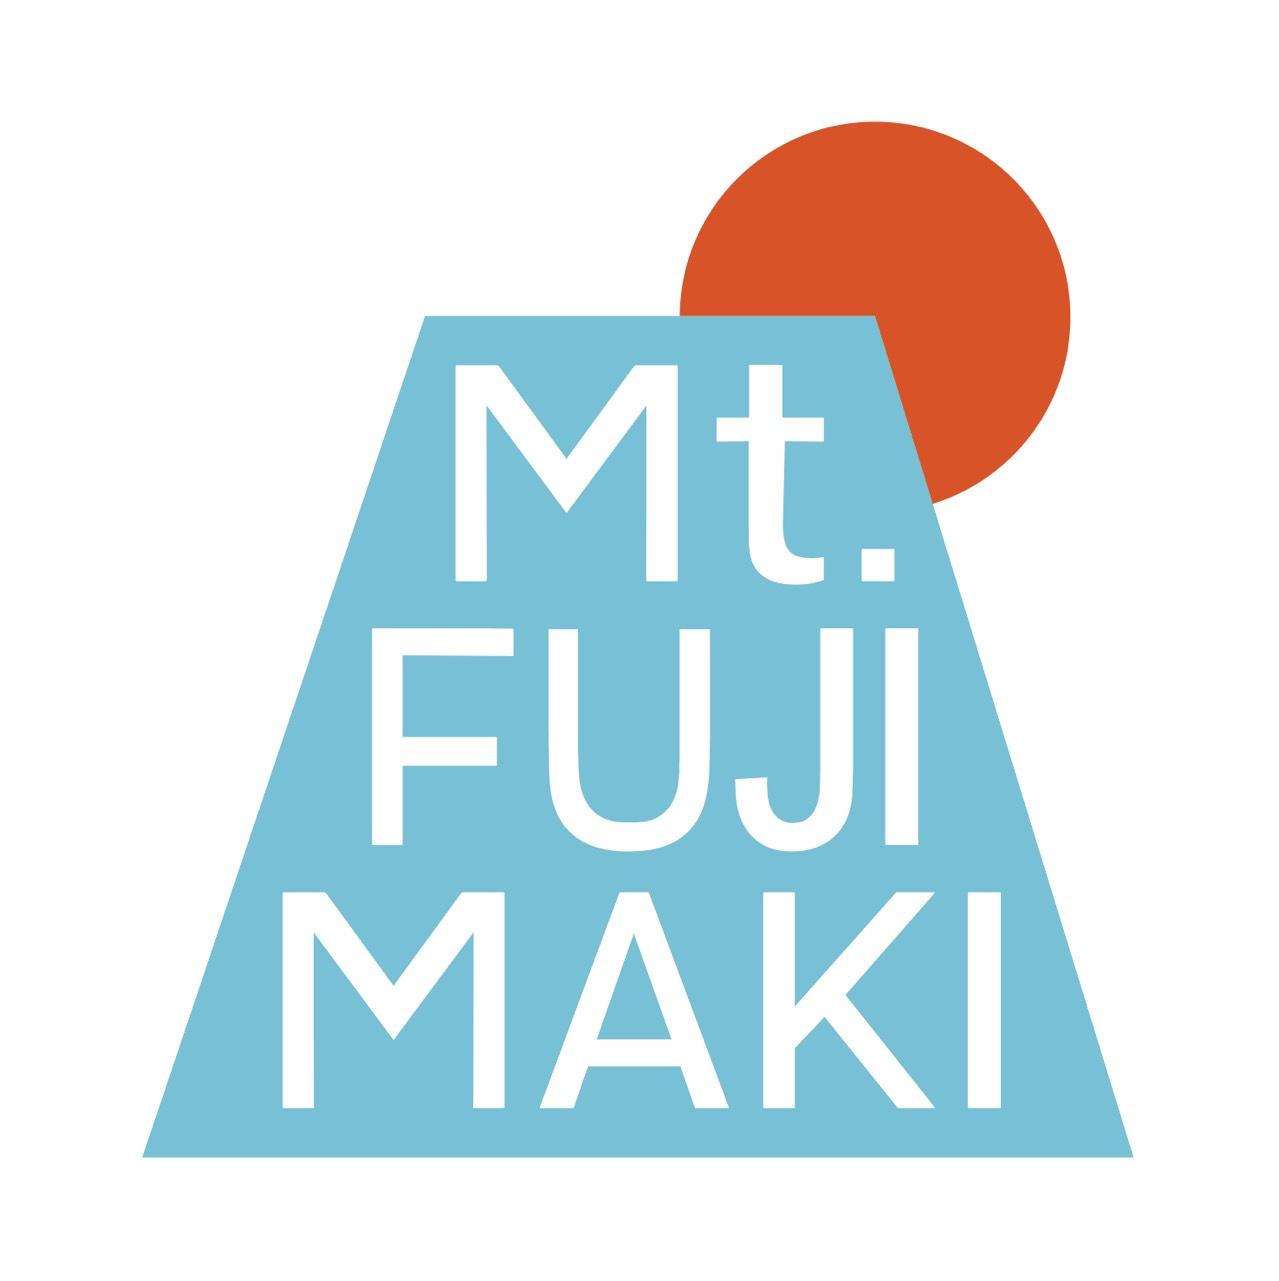 富士山世界文化遺産登録5周年記念「Mt.FUJIMAKI 2018」